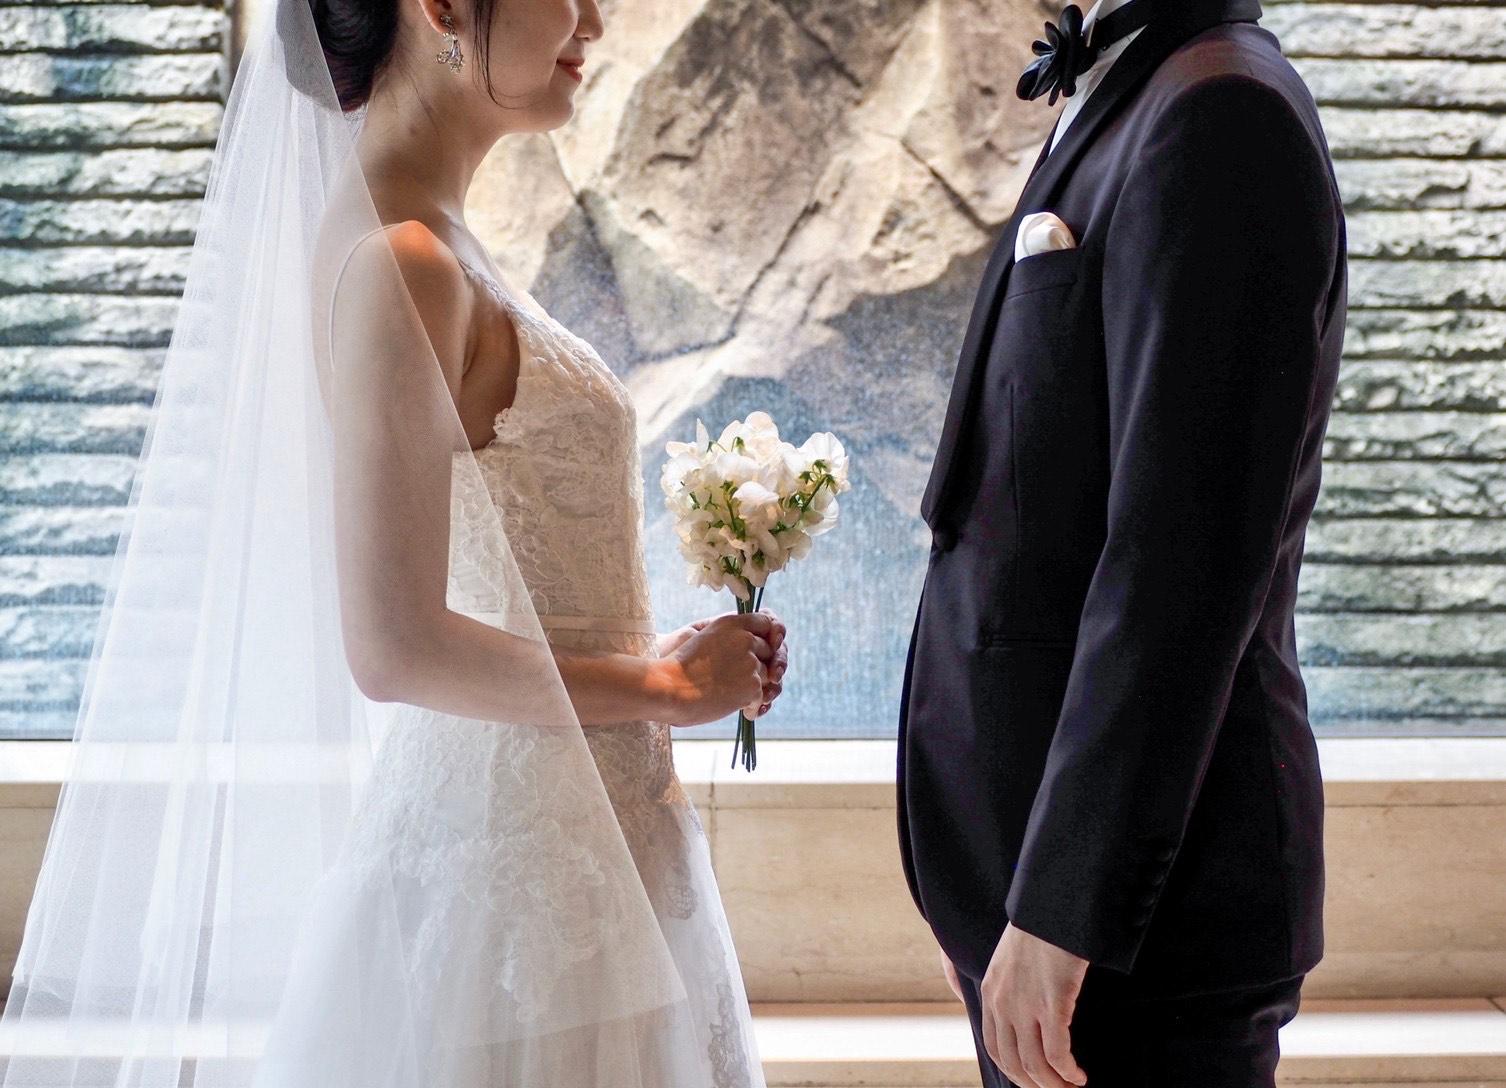 THE TREAT DRESSING神戸店にてお取り扱いしているオリエンタルホテル神戸におすすめのMONIQUE LUILIER(モニークルイリエ)のウェディングドレス